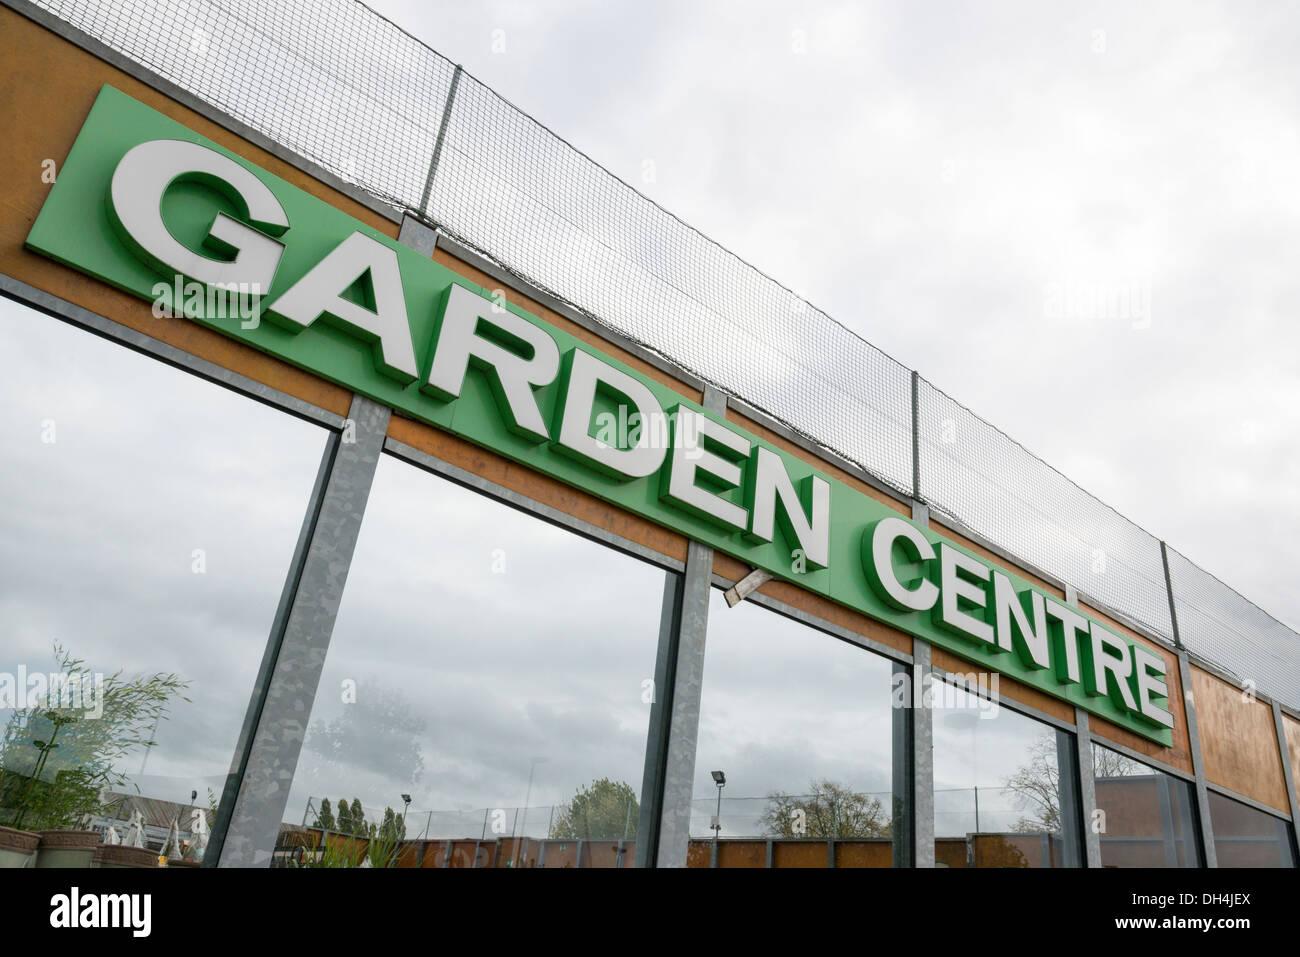 The Homebase garden centre sign Cambridge UK - Stock Image